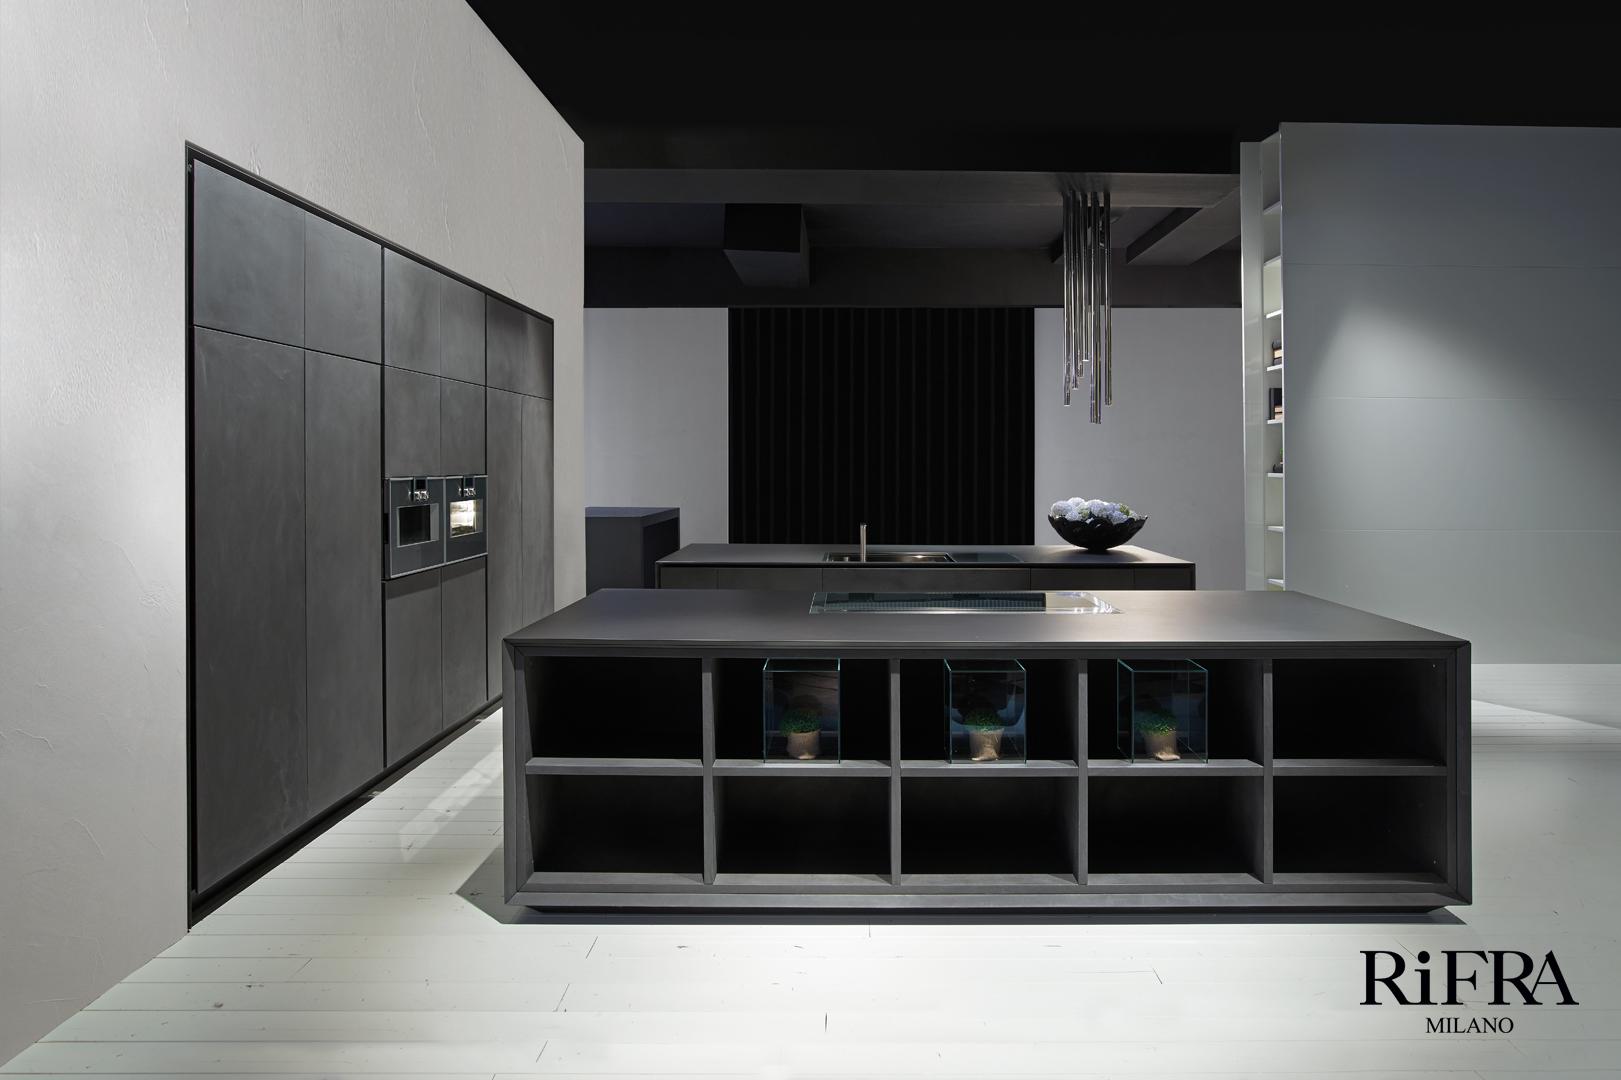 Ausgezeichnet Bauen Sie Ihre Eigene Kücheninsel Zeitgenössisch ...